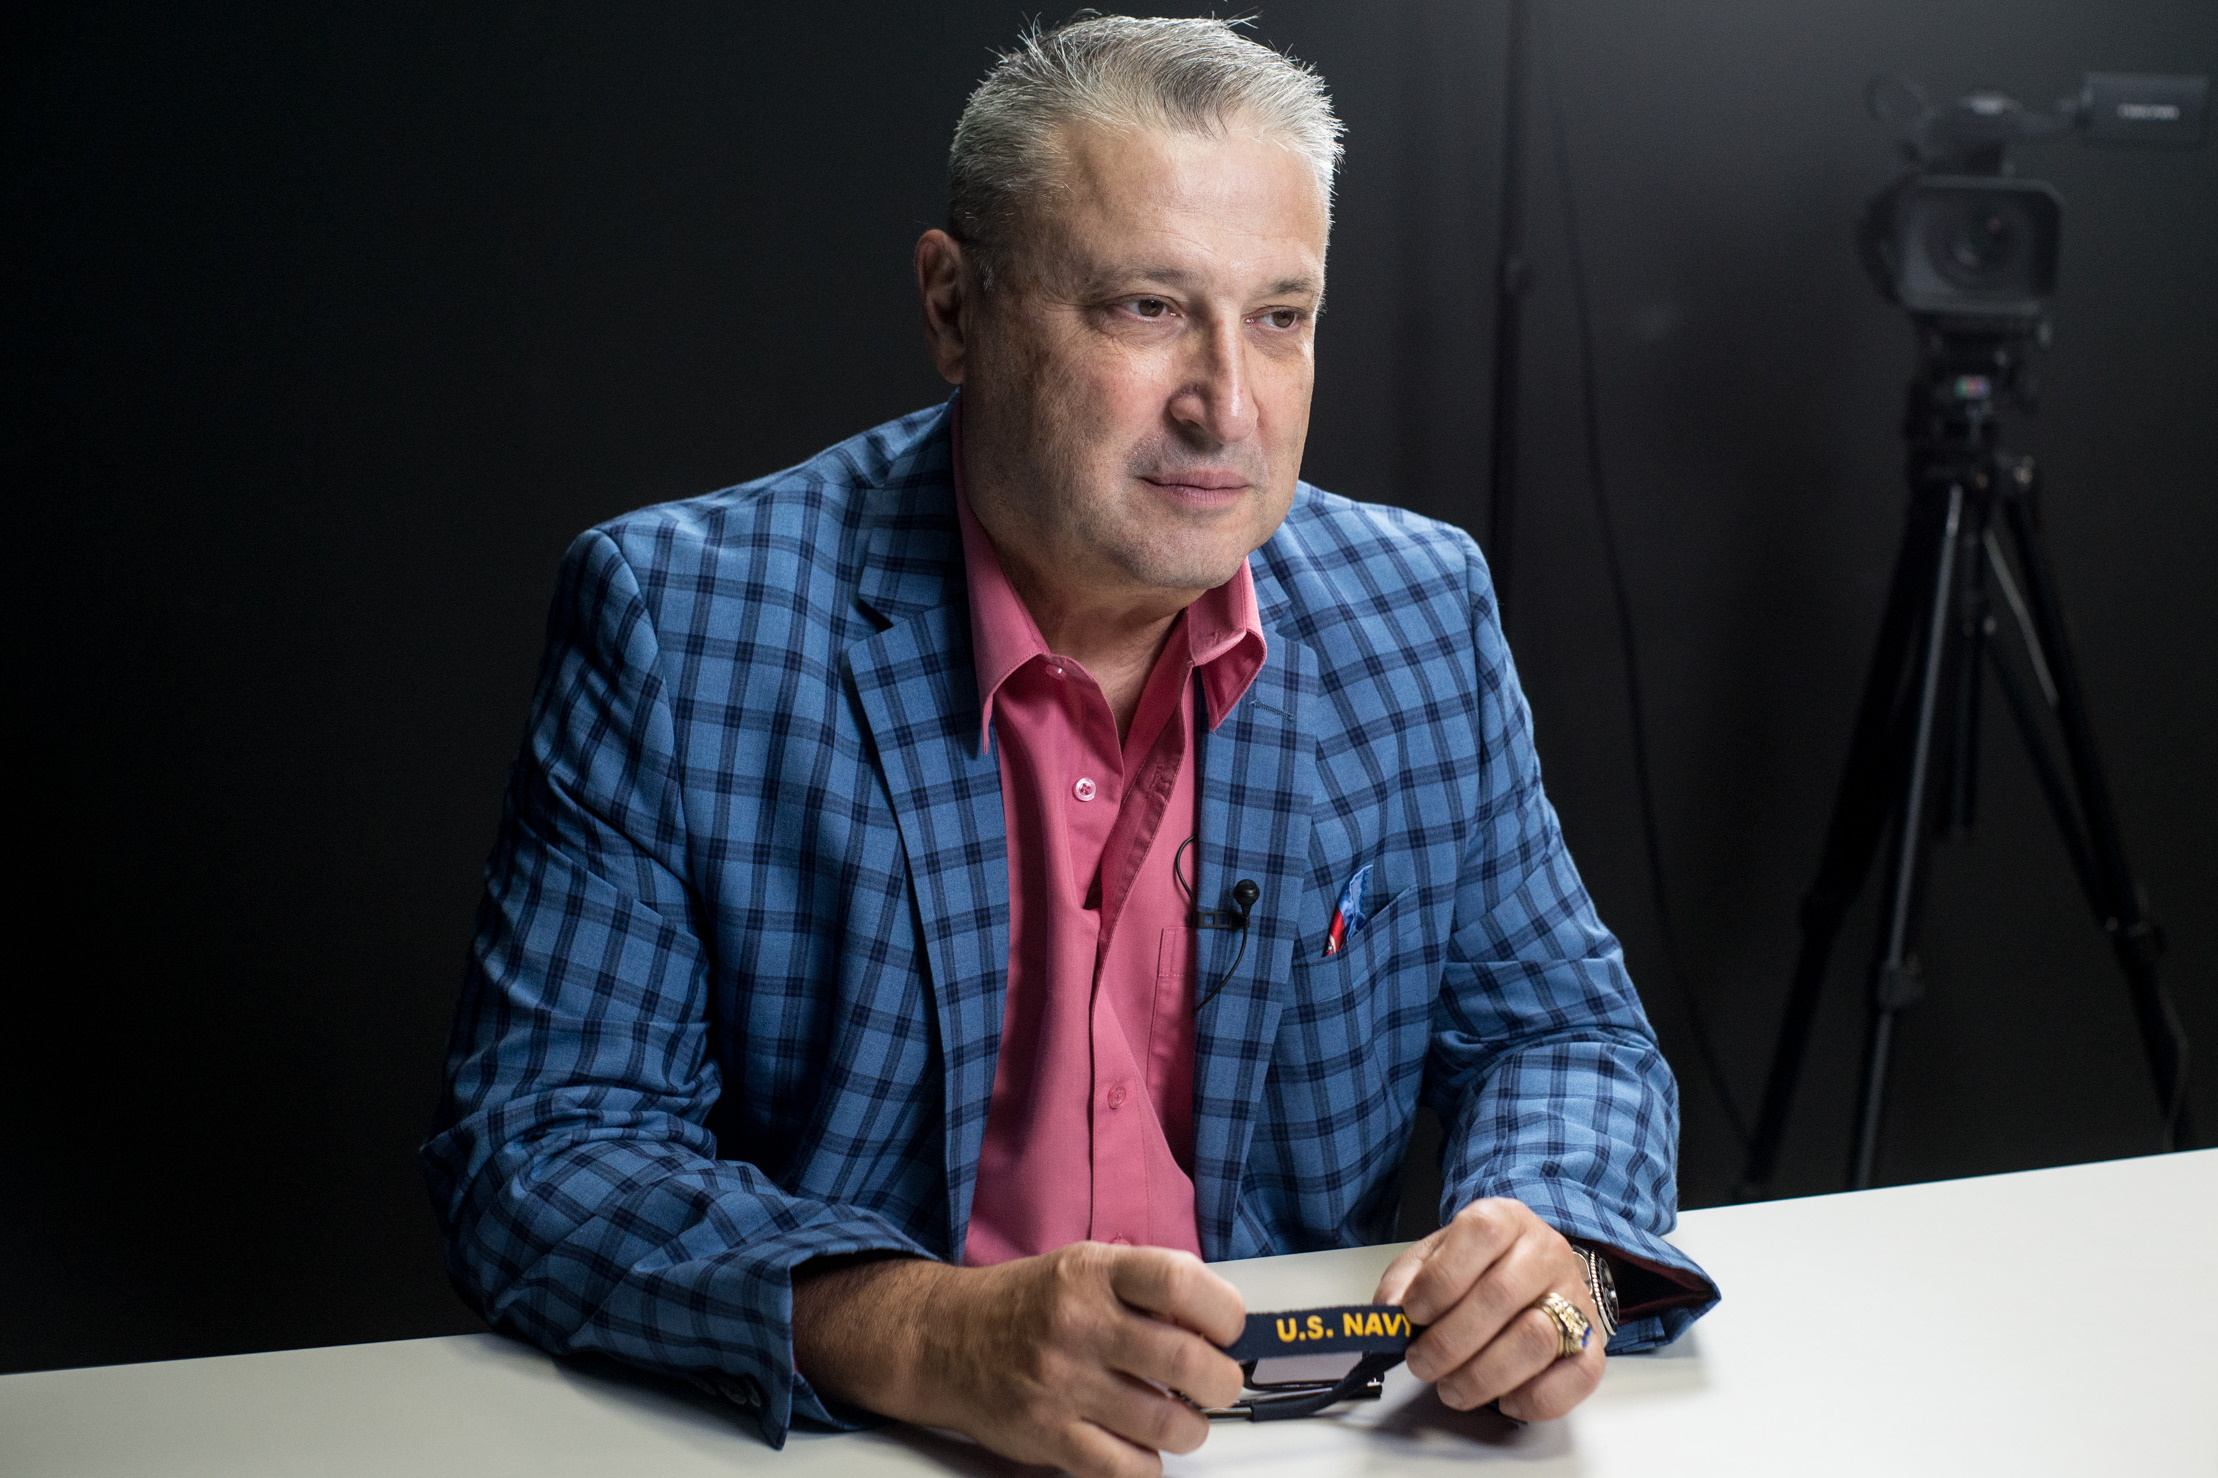 """Экс-офицер ВМС США Табах о возврате Крыма и Донбасса в Украину: """"Одними переговорами не вернешь"""""""